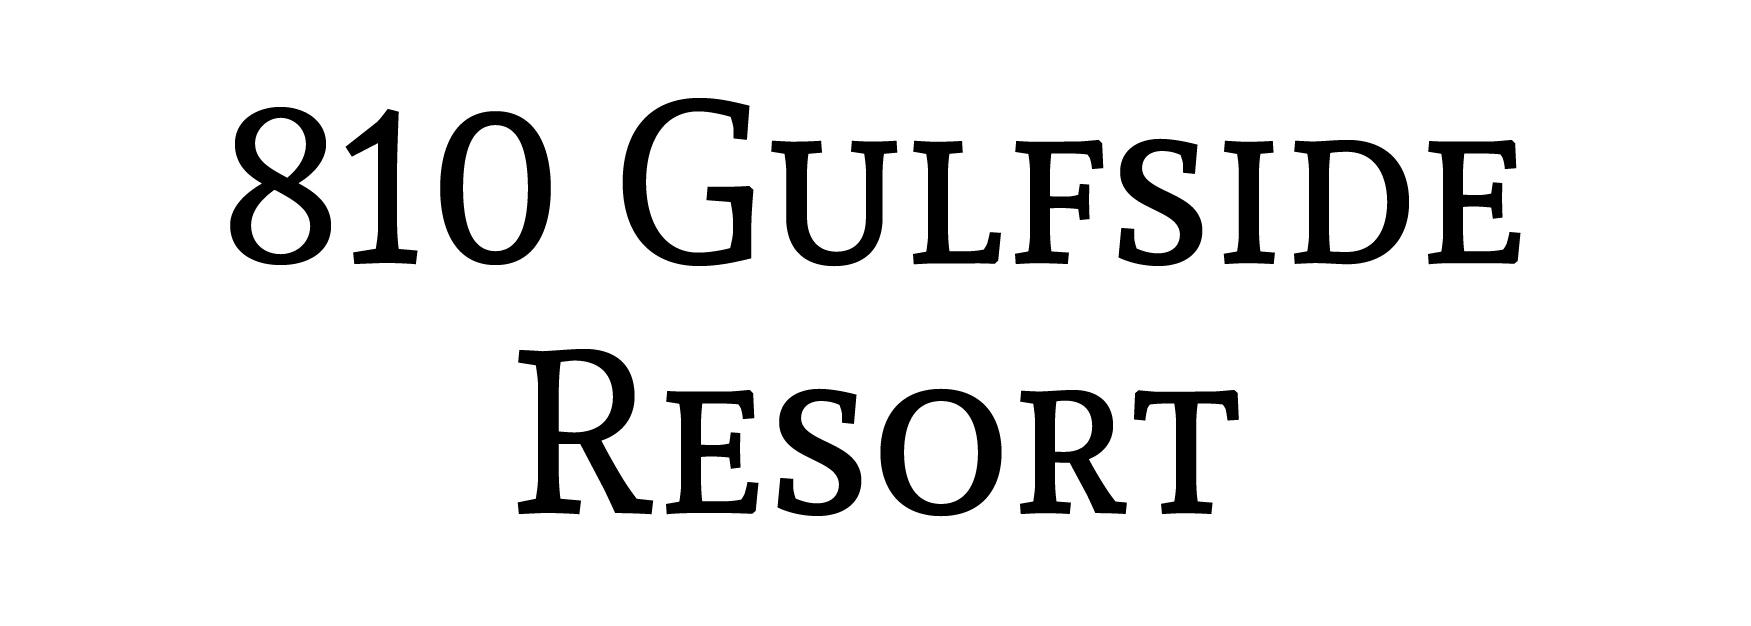 810 Gulfside Resort